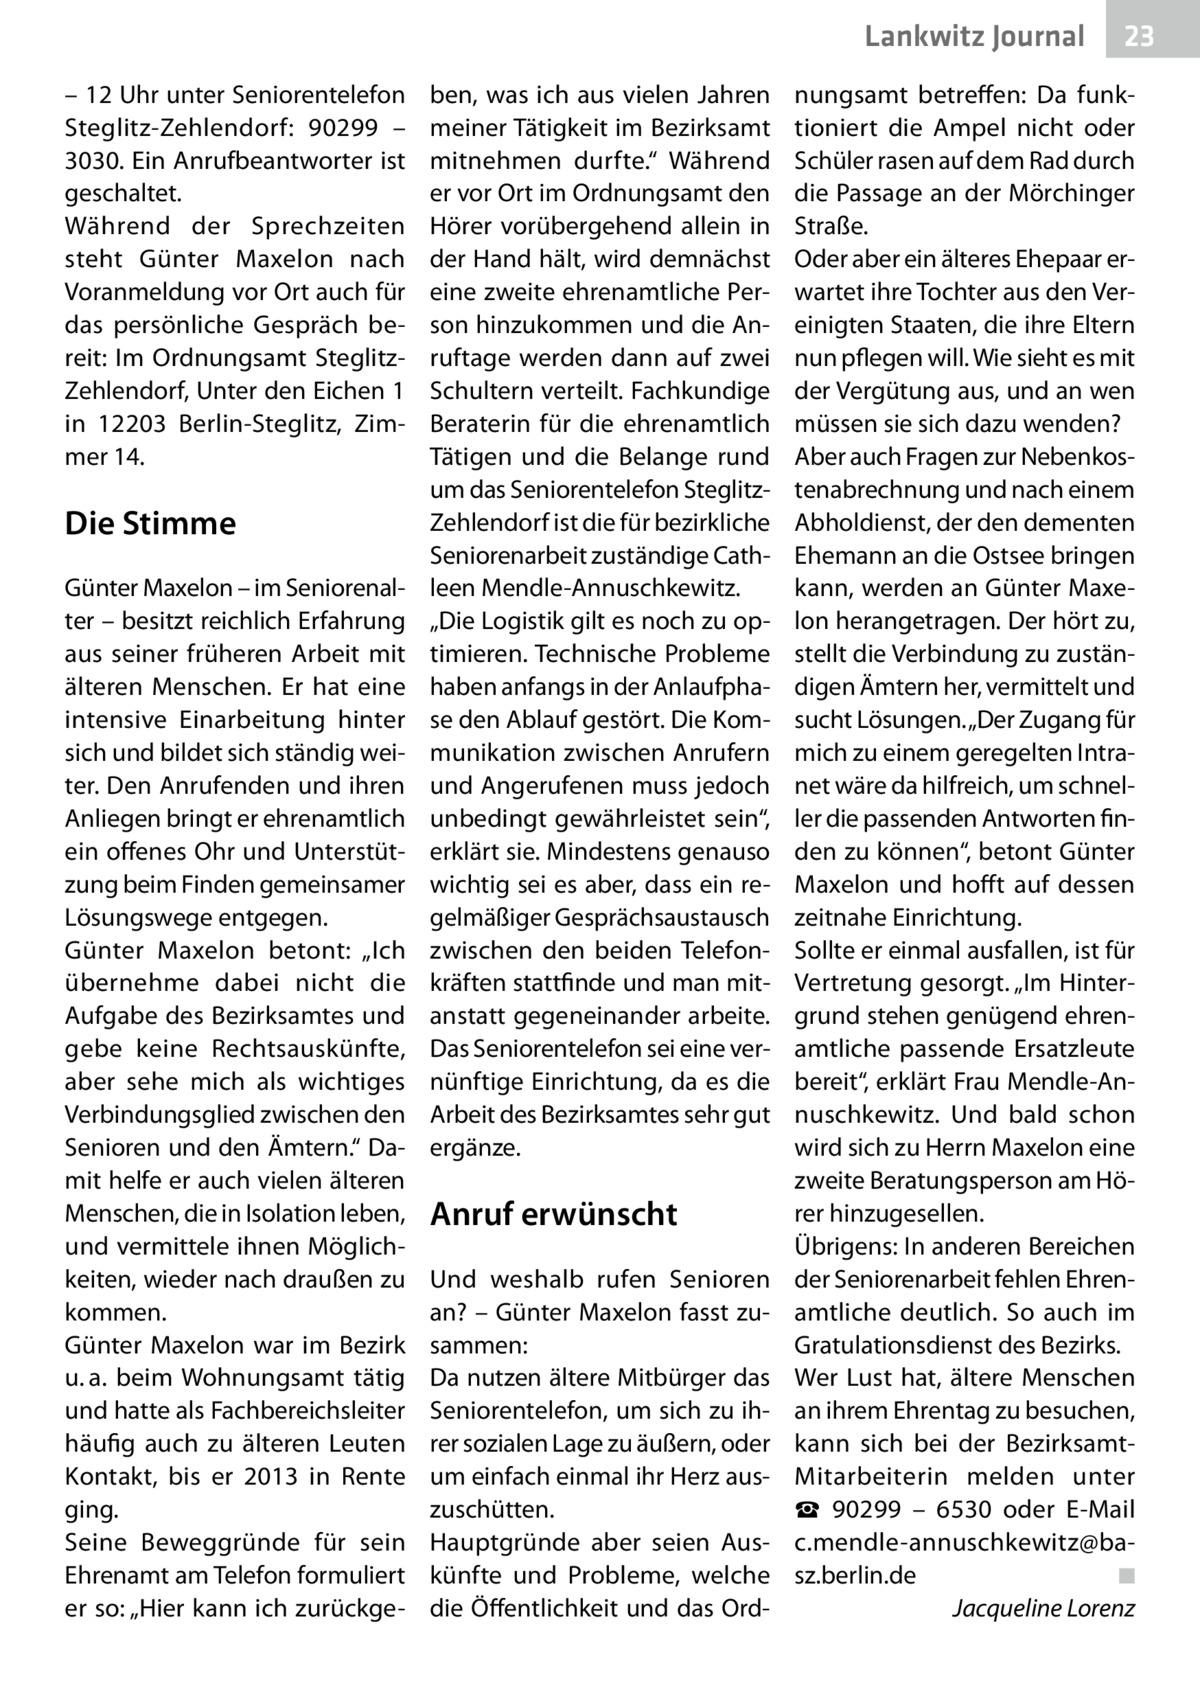 """Lankwitz Journal – 12Uhr unter Seniorentelefon Steglitz-Zehlendorf: 90299 – 3030. Ein Anrufbeantworter ist geschaltet. Während der Sprechzeiten steht Günter Maxelon nach Voranmeldung vor Ort auch für das persönliche Gespräch bereit: Im Ordnungsamt SteglitzZehlendorf, Unter den Eichen1 in 12203 Berlin-Steglitz, Zimmer14.  Die Stimme Günter Maxelon – im Seniorenalter – besitzt reichlich Erfahrung aus seiner früheren Arbeit mit älteren Menschen. Er hat eine intensive Einarbeitung hinter sich und bildet sich ständig weiter. Den Anrufenden und ihren Anliegen bringt er ehrenamtlich ein offenes Ohr und Unterstützung beim Finden gemeinsamer Lösungswege entgegen. Günter Maxelon betont: """"Ich übernehme dabei nicht die Aufgabe des Bezirksamtes und gebe keine Rechtsauskünfte, aber sehe mich als wichtiges Verbindungsglied zwischen den Senioren und den Ämtern."""" Damit helfe er auch vielen älteren Menschen, die in Isolation leben, und vermittele ihnen Möglichkeiten, wieder nach draußen zu kommen. Günter Maxelon war im Bezirk u.a. beim Wohnungsamt tätig und hatte als Fachbereichsleiter häufig auch zu älteren Leuten Kontakt, bis er 2013 in Rente ging. Seine Beweggründe für sein Ehrenamt am Telefon formuliert er so: """"Hier kann ich zurückge ben, was ich aus vielen Jahren meiner Tätigkeit im Bezirksamt mitnehmen durfte."""" Während er vor Ort im Ordnungsamt den Hörer vorübergehend allein in der Hand hält, wird demnächst eine zweite ehrenamtliche Person hinzukommen und die Anruftage werden dann auf zwei Schultern verteilt. Fachkundige Beraterin für die ehrenamtlich Tätigen und die Belange rund um das Seniorentelefon SteglitzZehlendorf ist die für bezirkliche Seniorenarbeit zuständige Cathleen Mendle-Annuschkewitz. """"Die Logistik gilt es noch zu optimieren. Technische Probleme haben anfangs in der Anlaufphase den Ablauf gestört. Die Kommunikation zwischen Anrufern und Angerufenen muss jedoch unbedingt gewährleistet sein"""", erklärt sie. Mindestens genauso wichtig sei es aber, dass ein regelmäßig"""